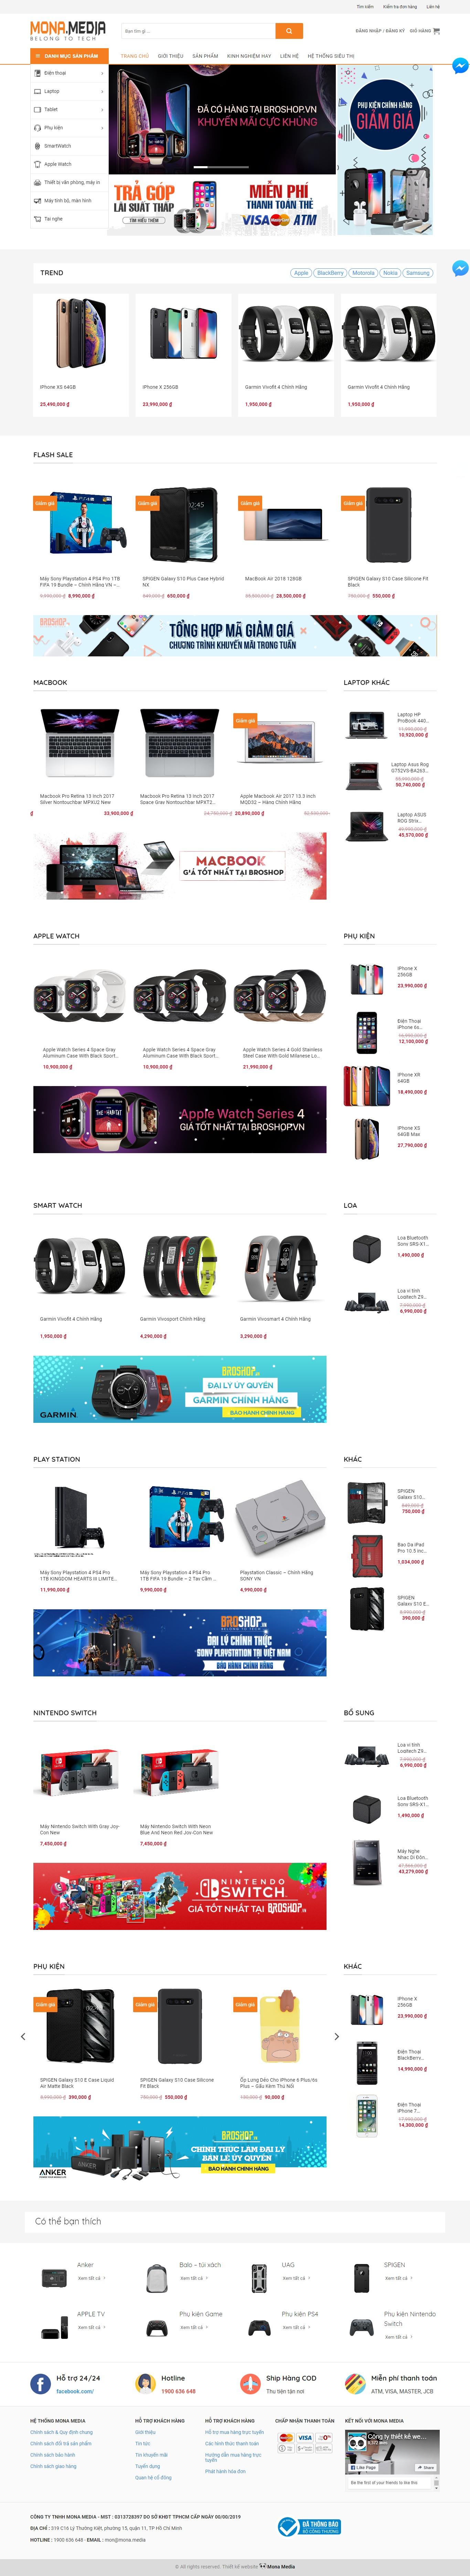 Thiết kế Mẫu website siêu thị điện máy DM07